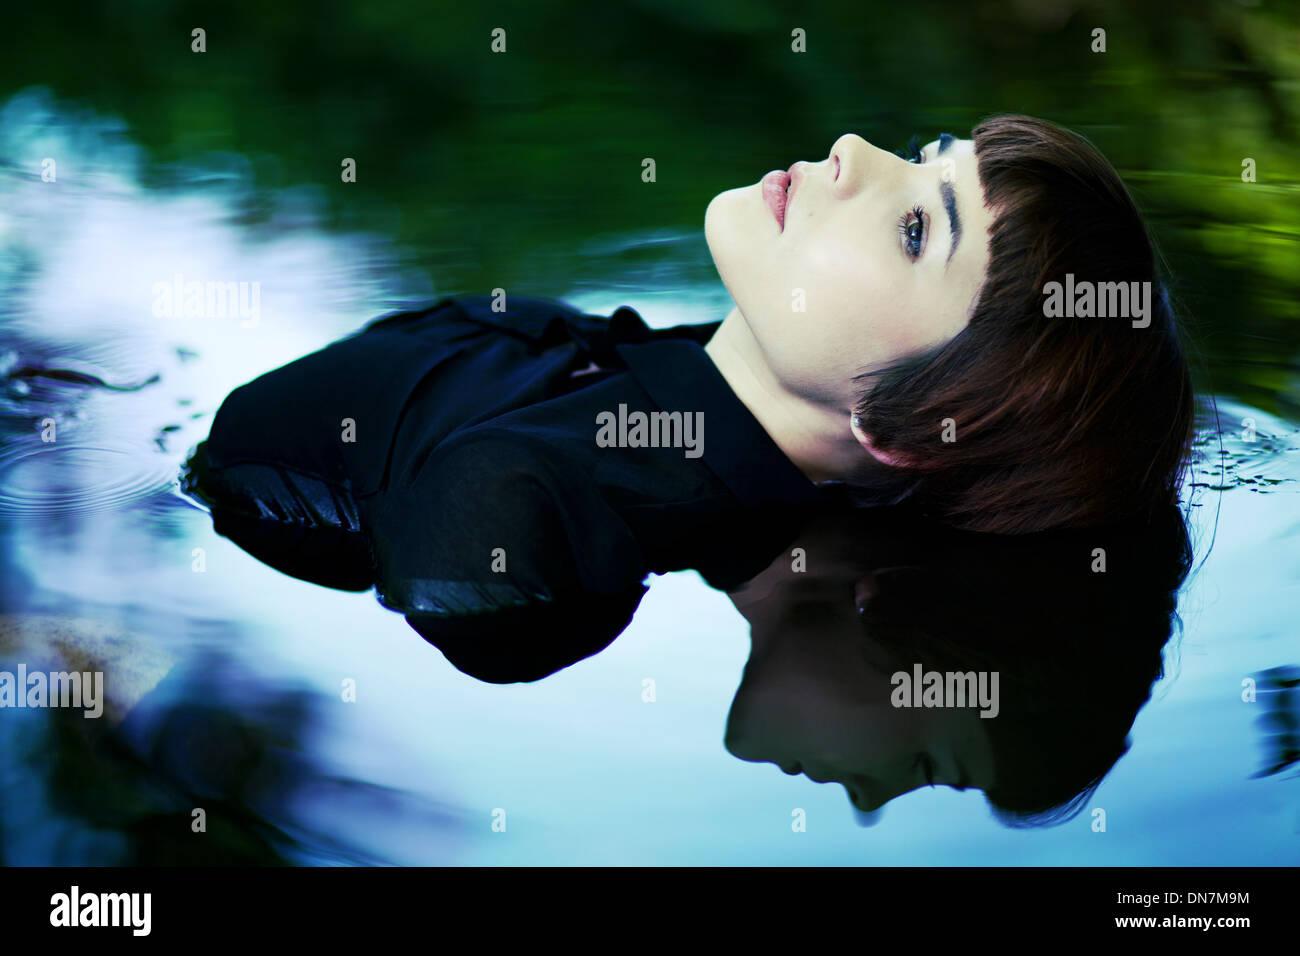 Giovane donna seduta in acqua, ritratto Immagini Stock